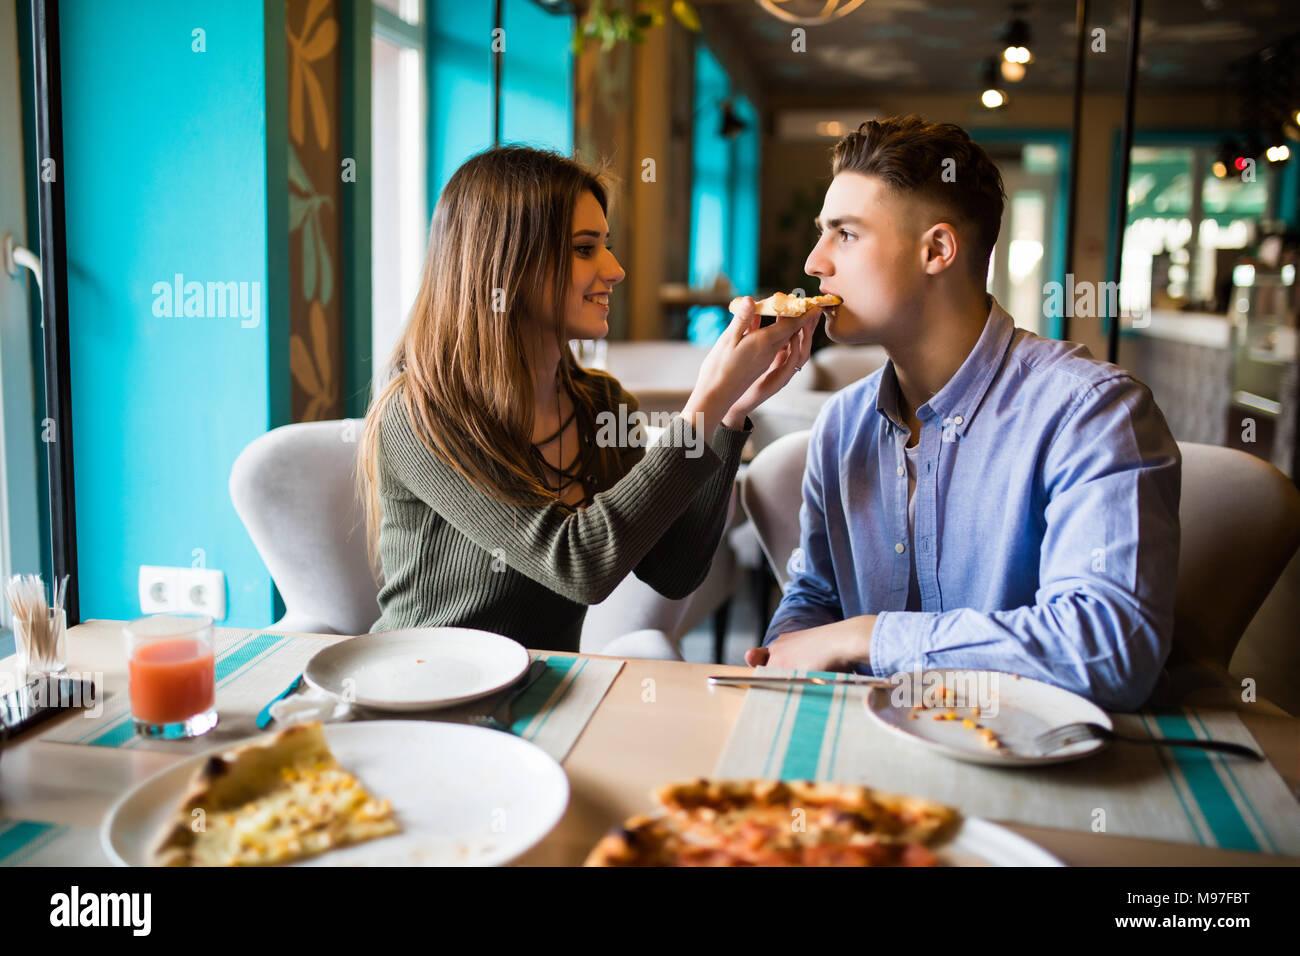 Dating in der Pizzeria. Schön lächelnde Paare genießen in Pizza, zusammen Spaß zu haben. Konsum, Nahrung, Lifestyle Konzept Stockbild